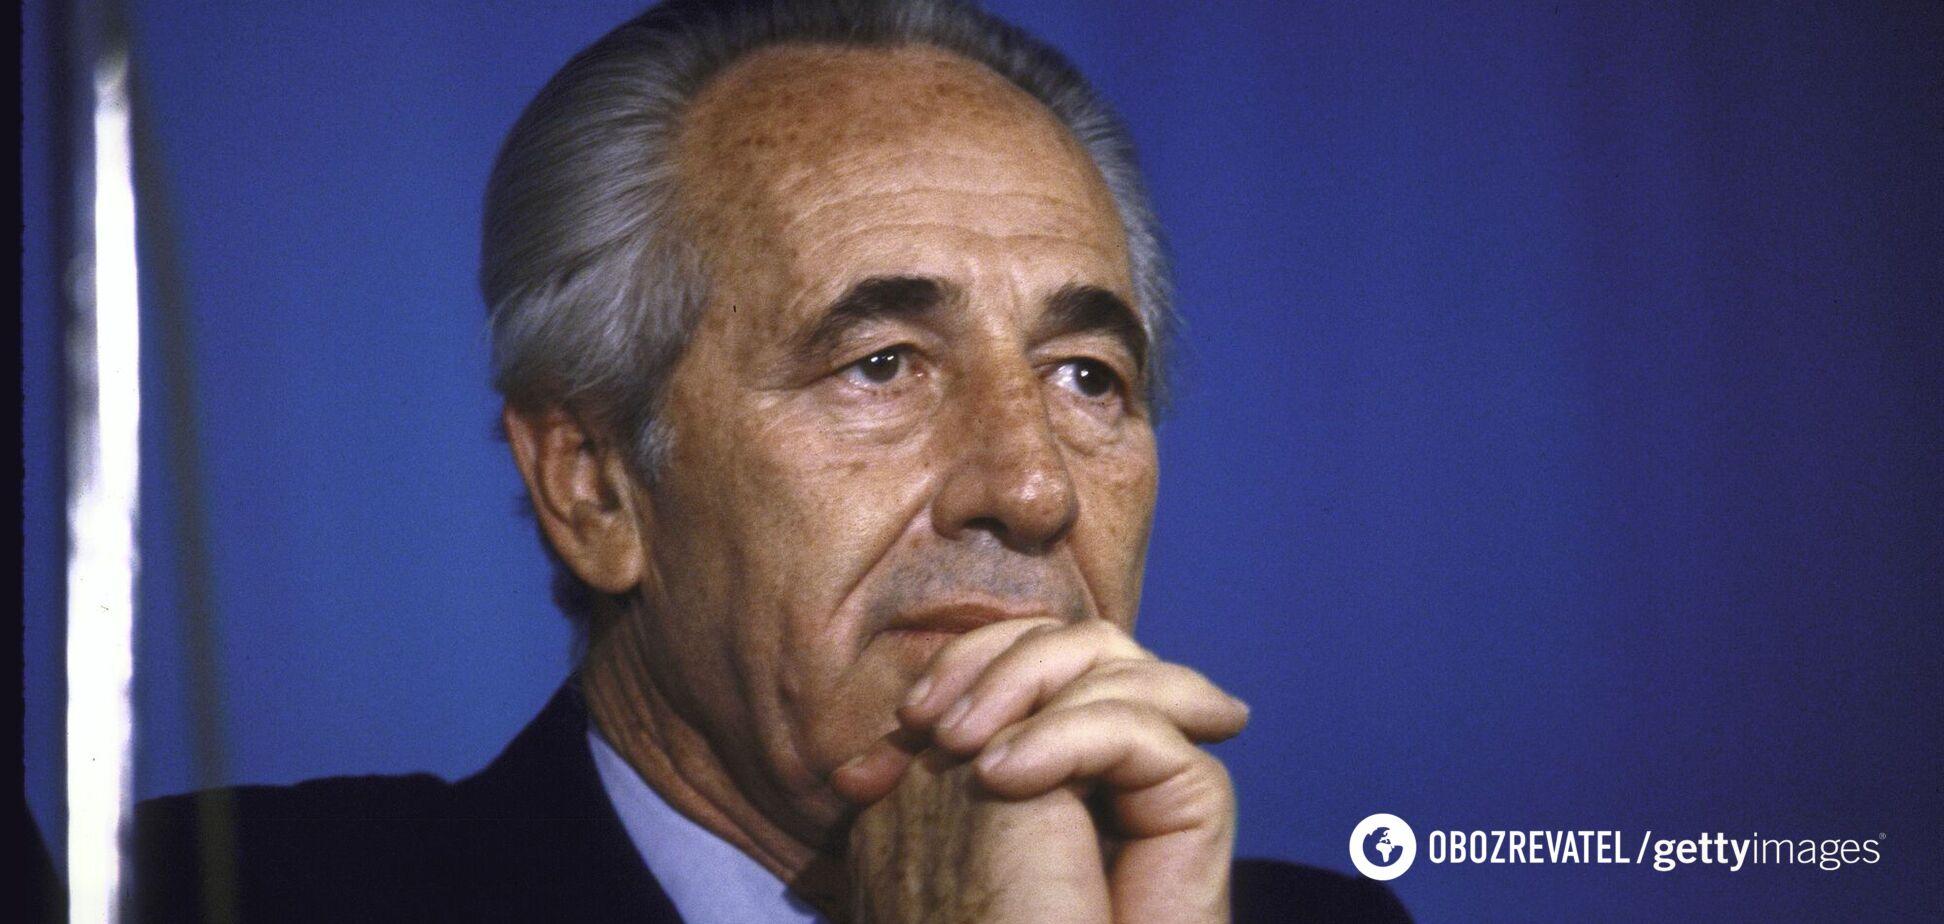 Шимон Перес избирался в Кнессет непрерывно с 1959 по 2007 год